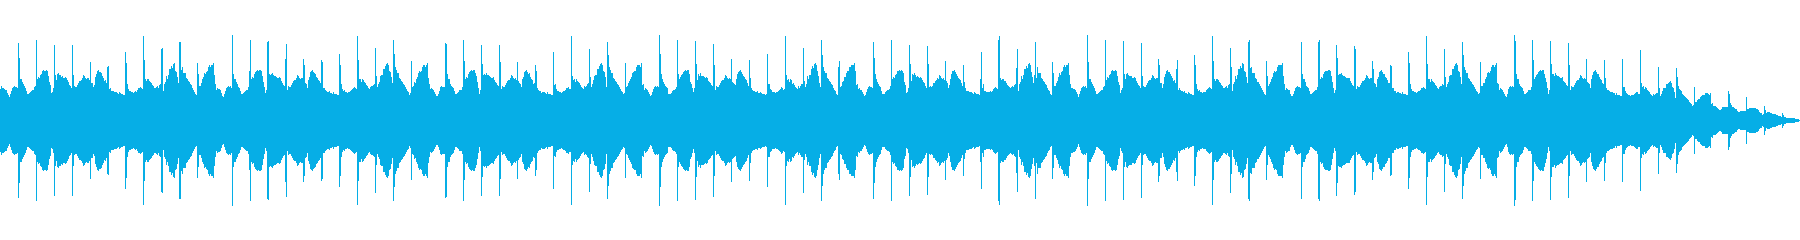 パラノイアベッドの再生済みの波形